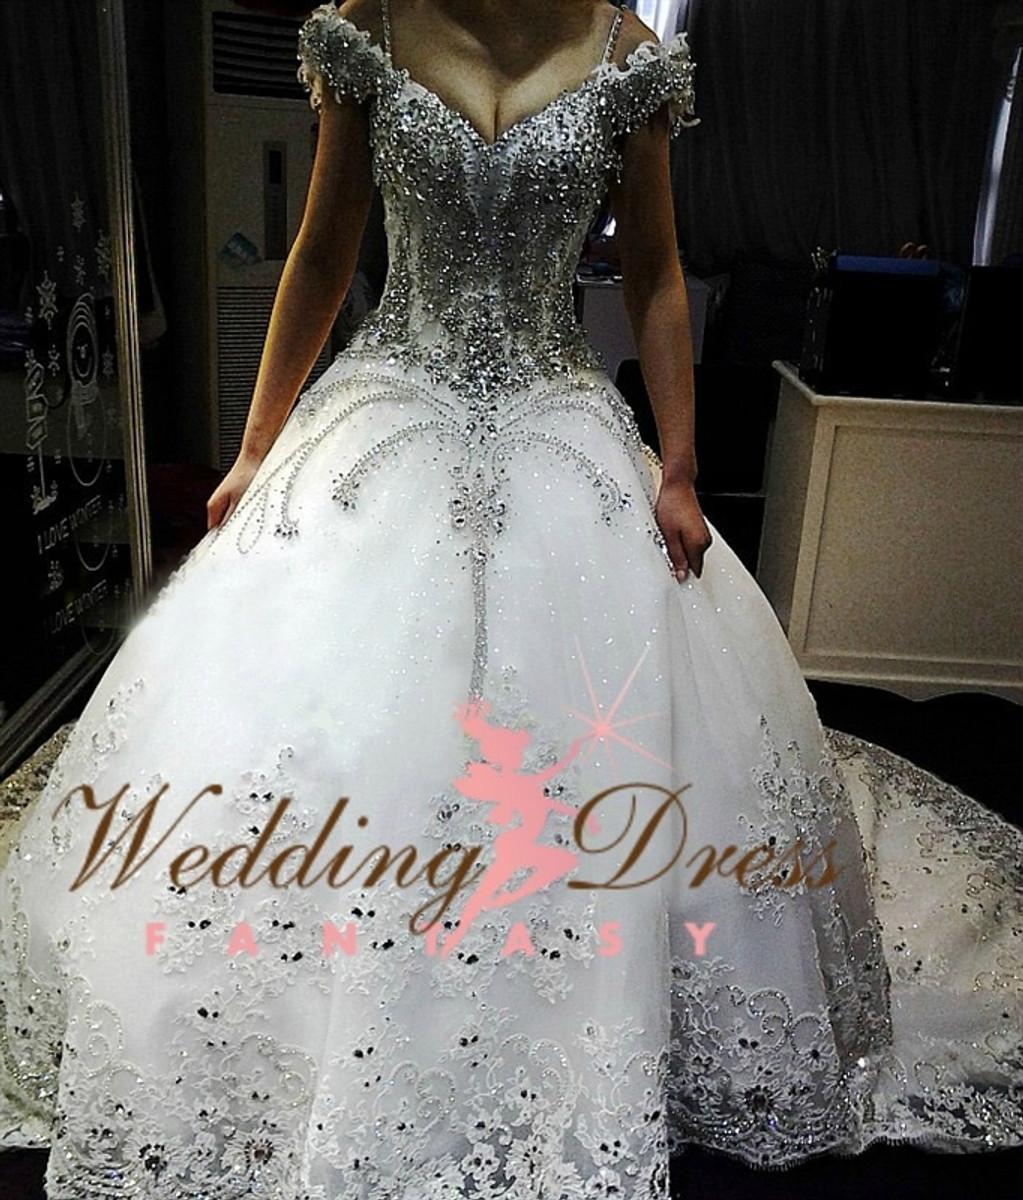 Gypsy wedding gown